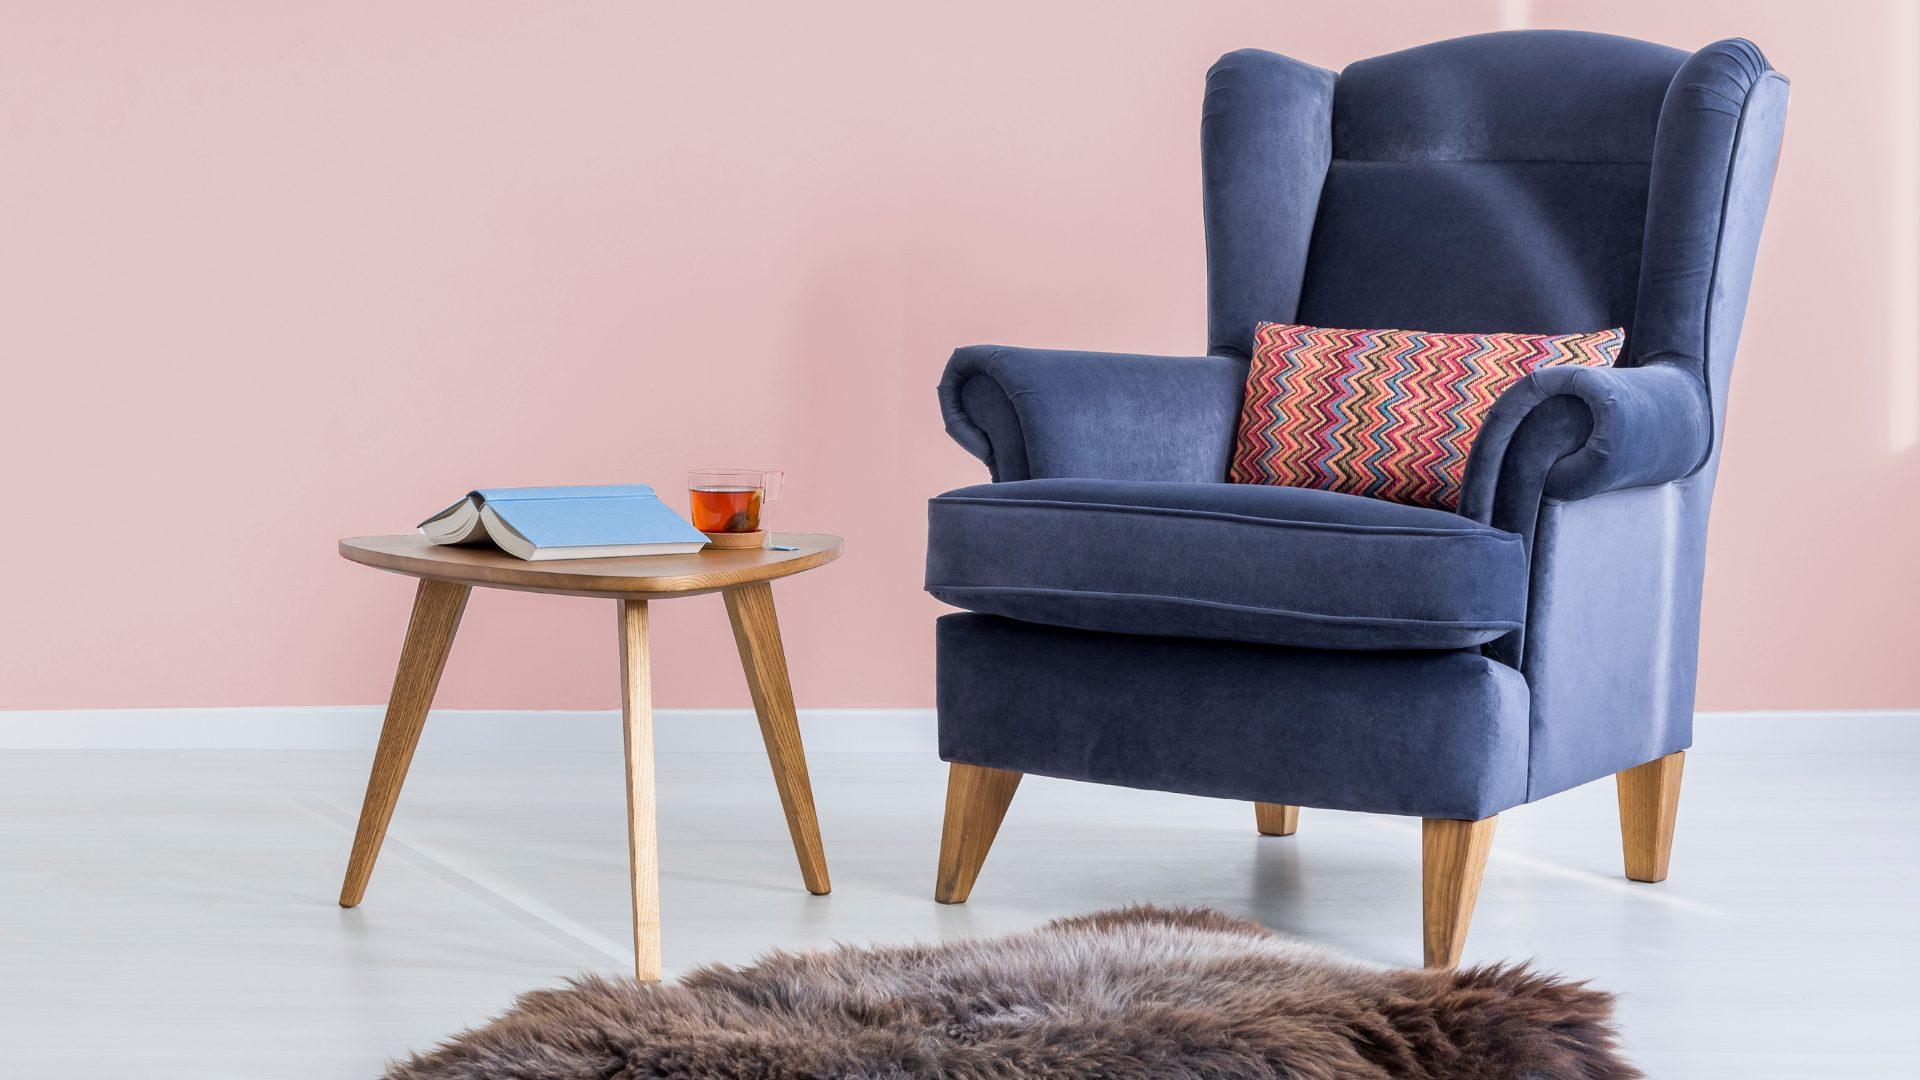 Poltrona de leitura: como escolher uma ergonômica, confortável e linda?